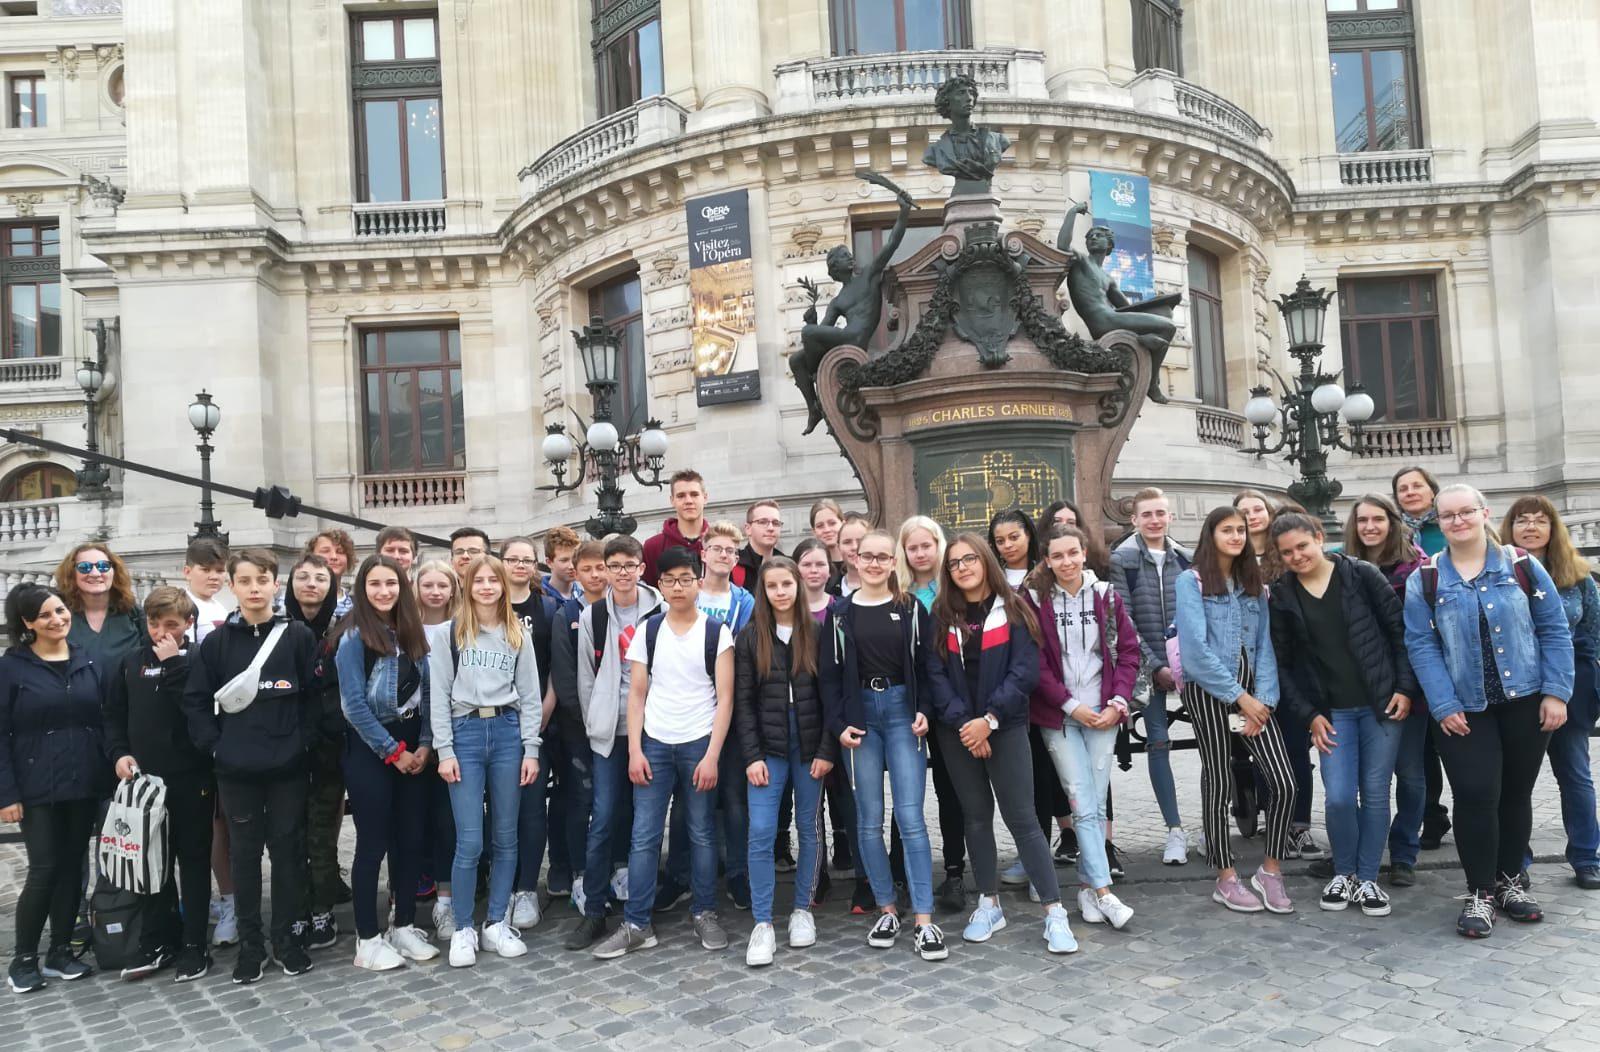 Reiseblog der Austausch-AG